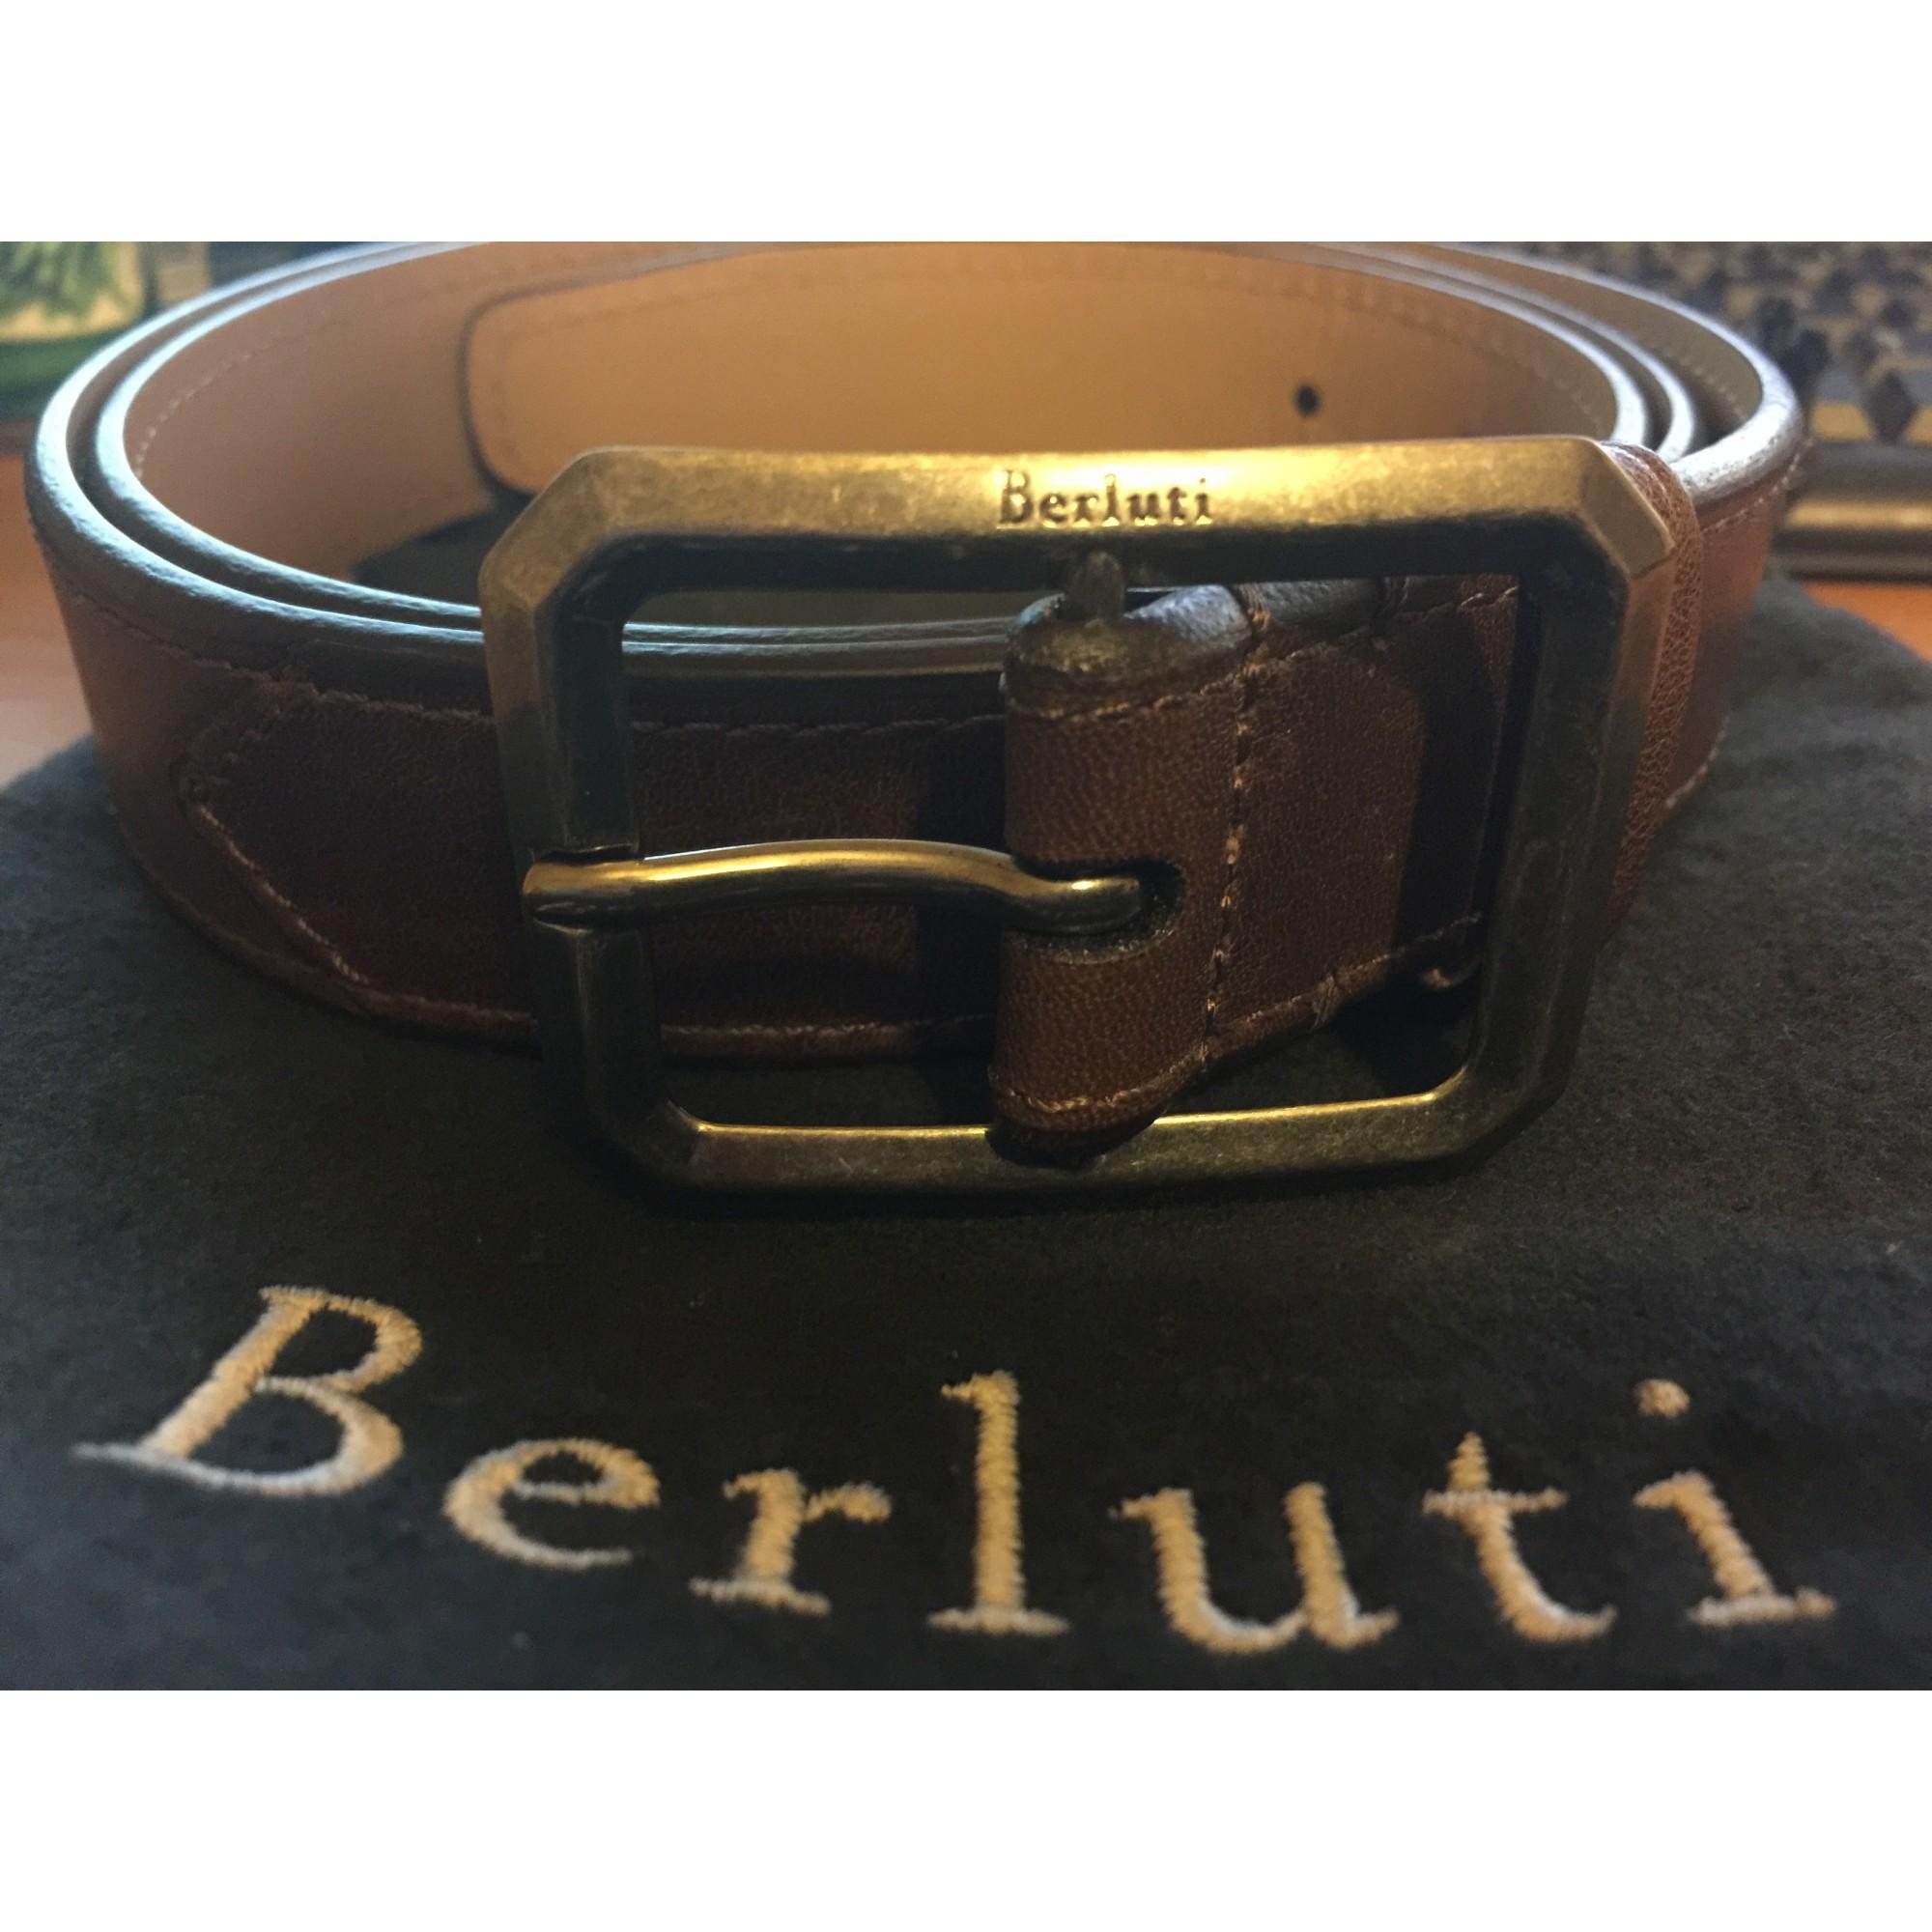 Ceinture BERLUTI 95 marron - 3790779 61a610c8c08